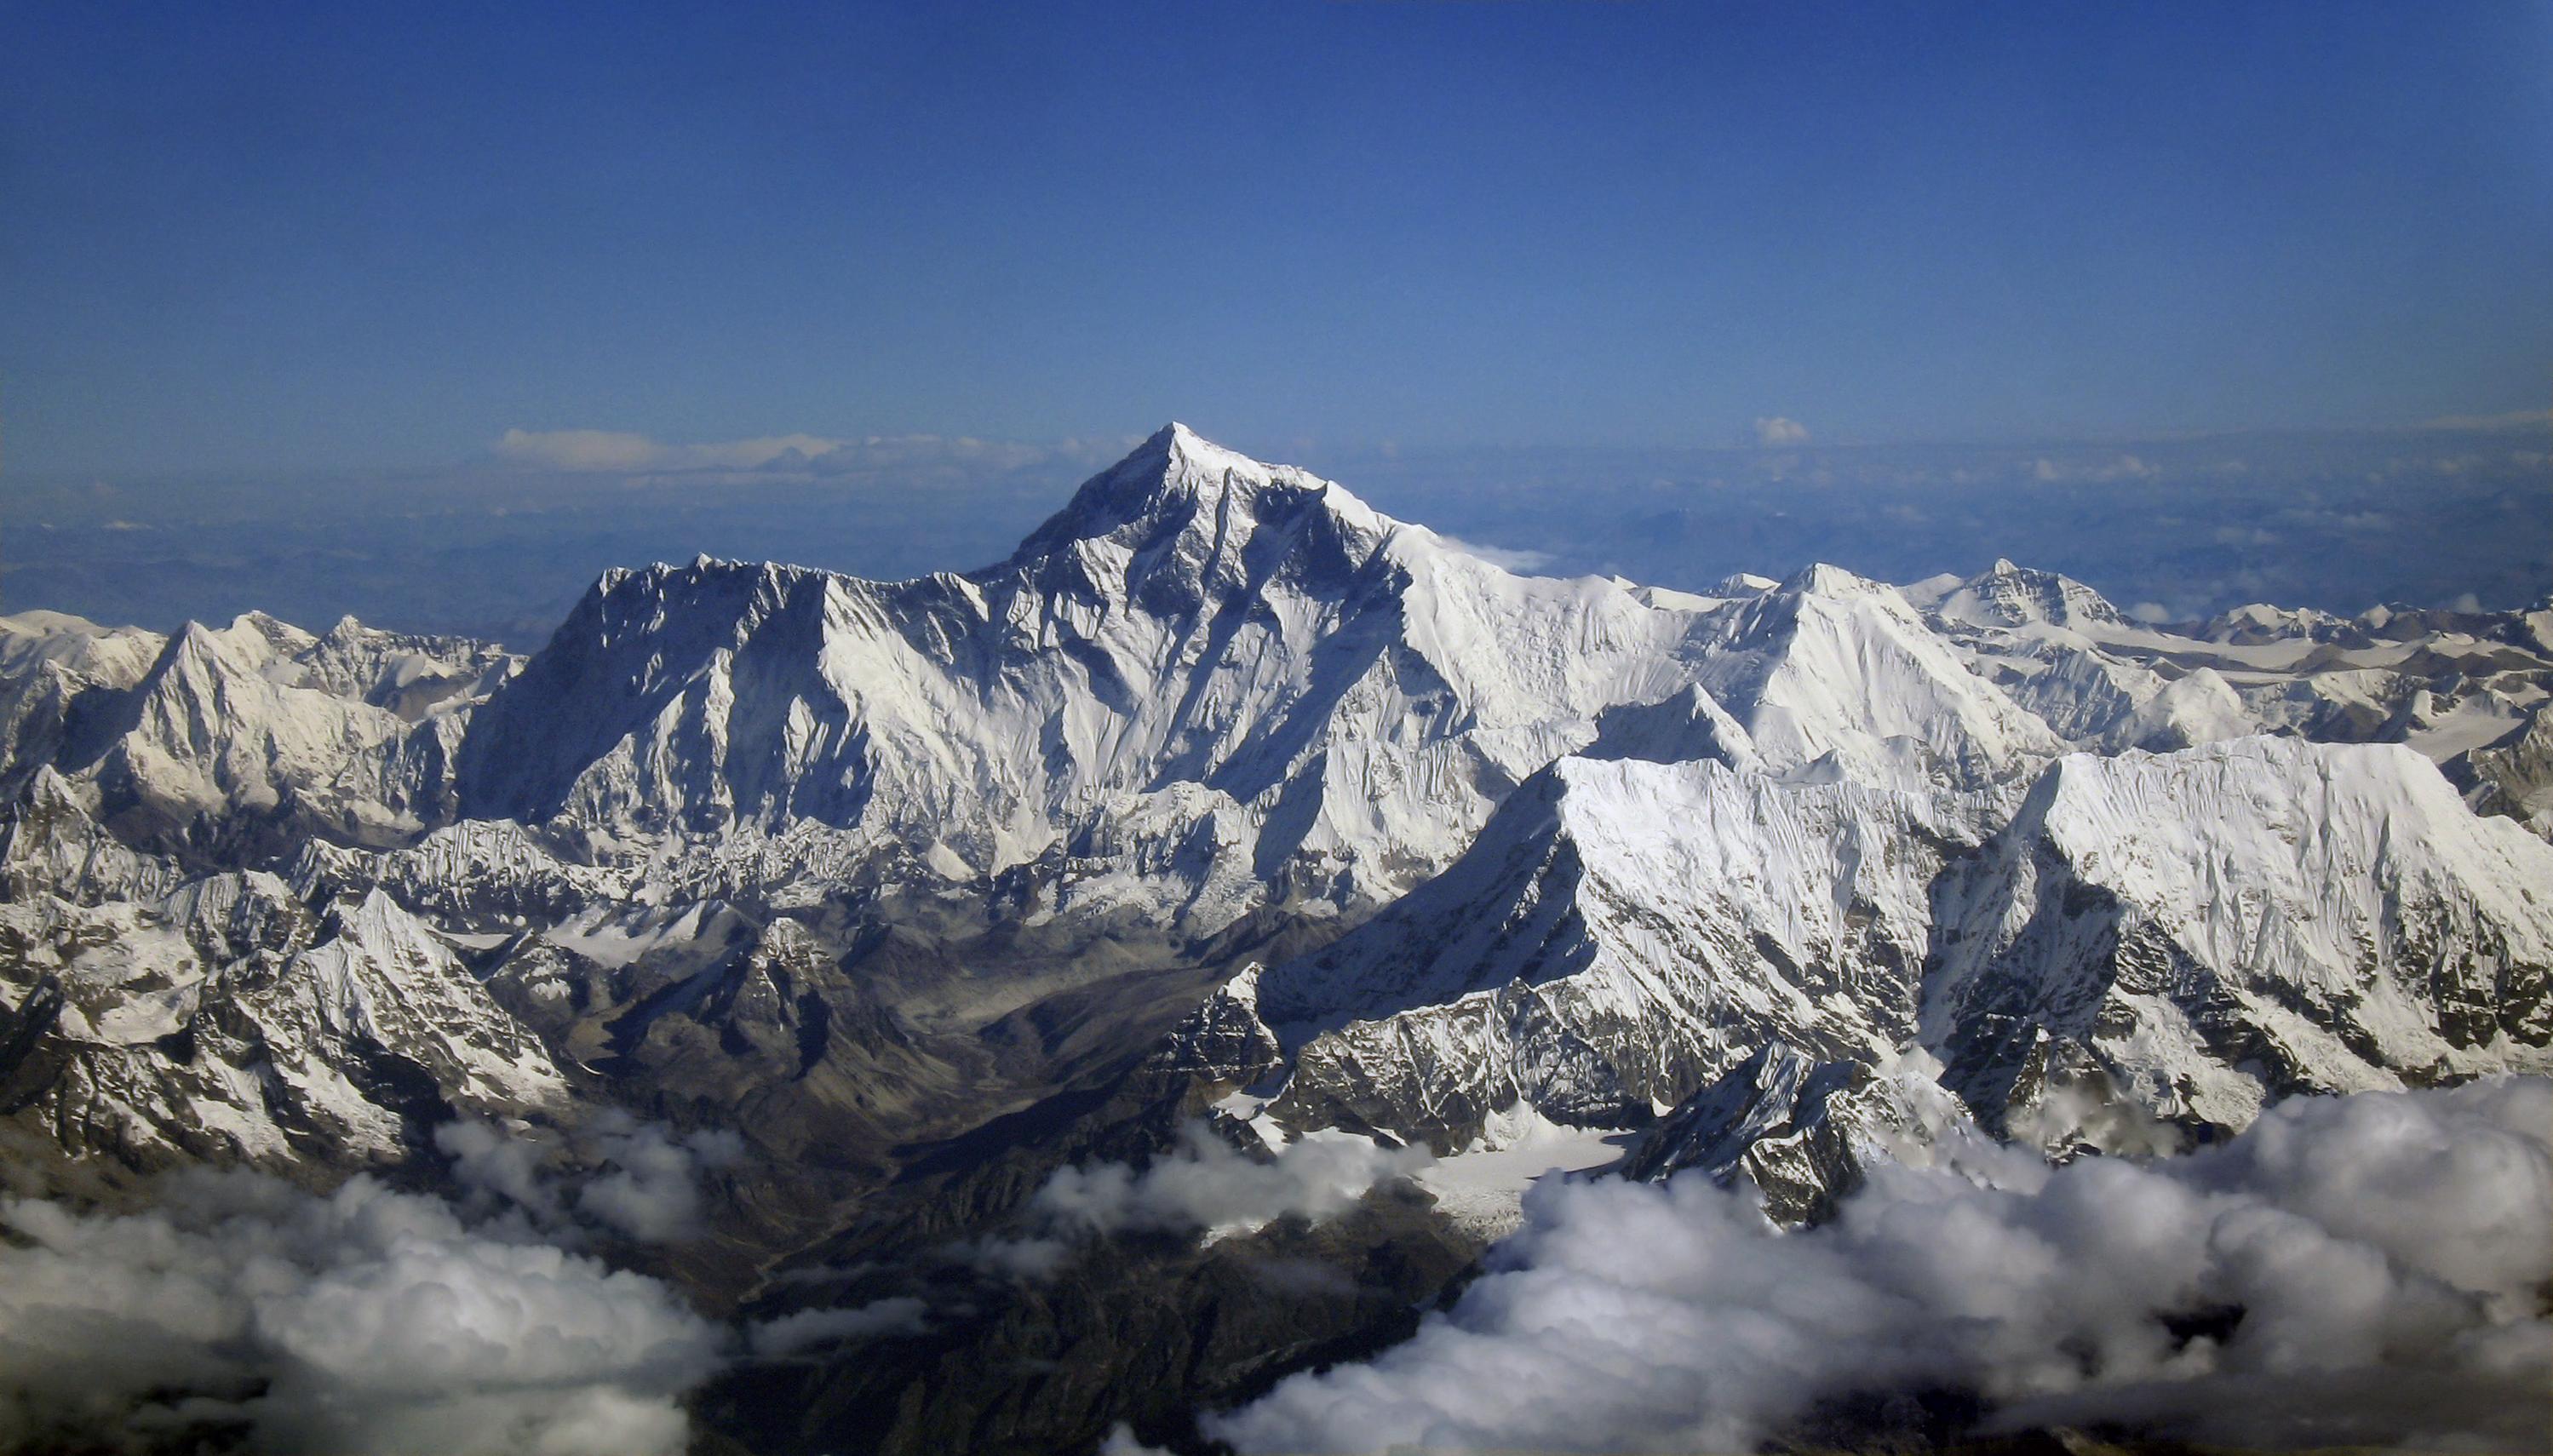 Liste des plus hauts sommets - Wikiwand